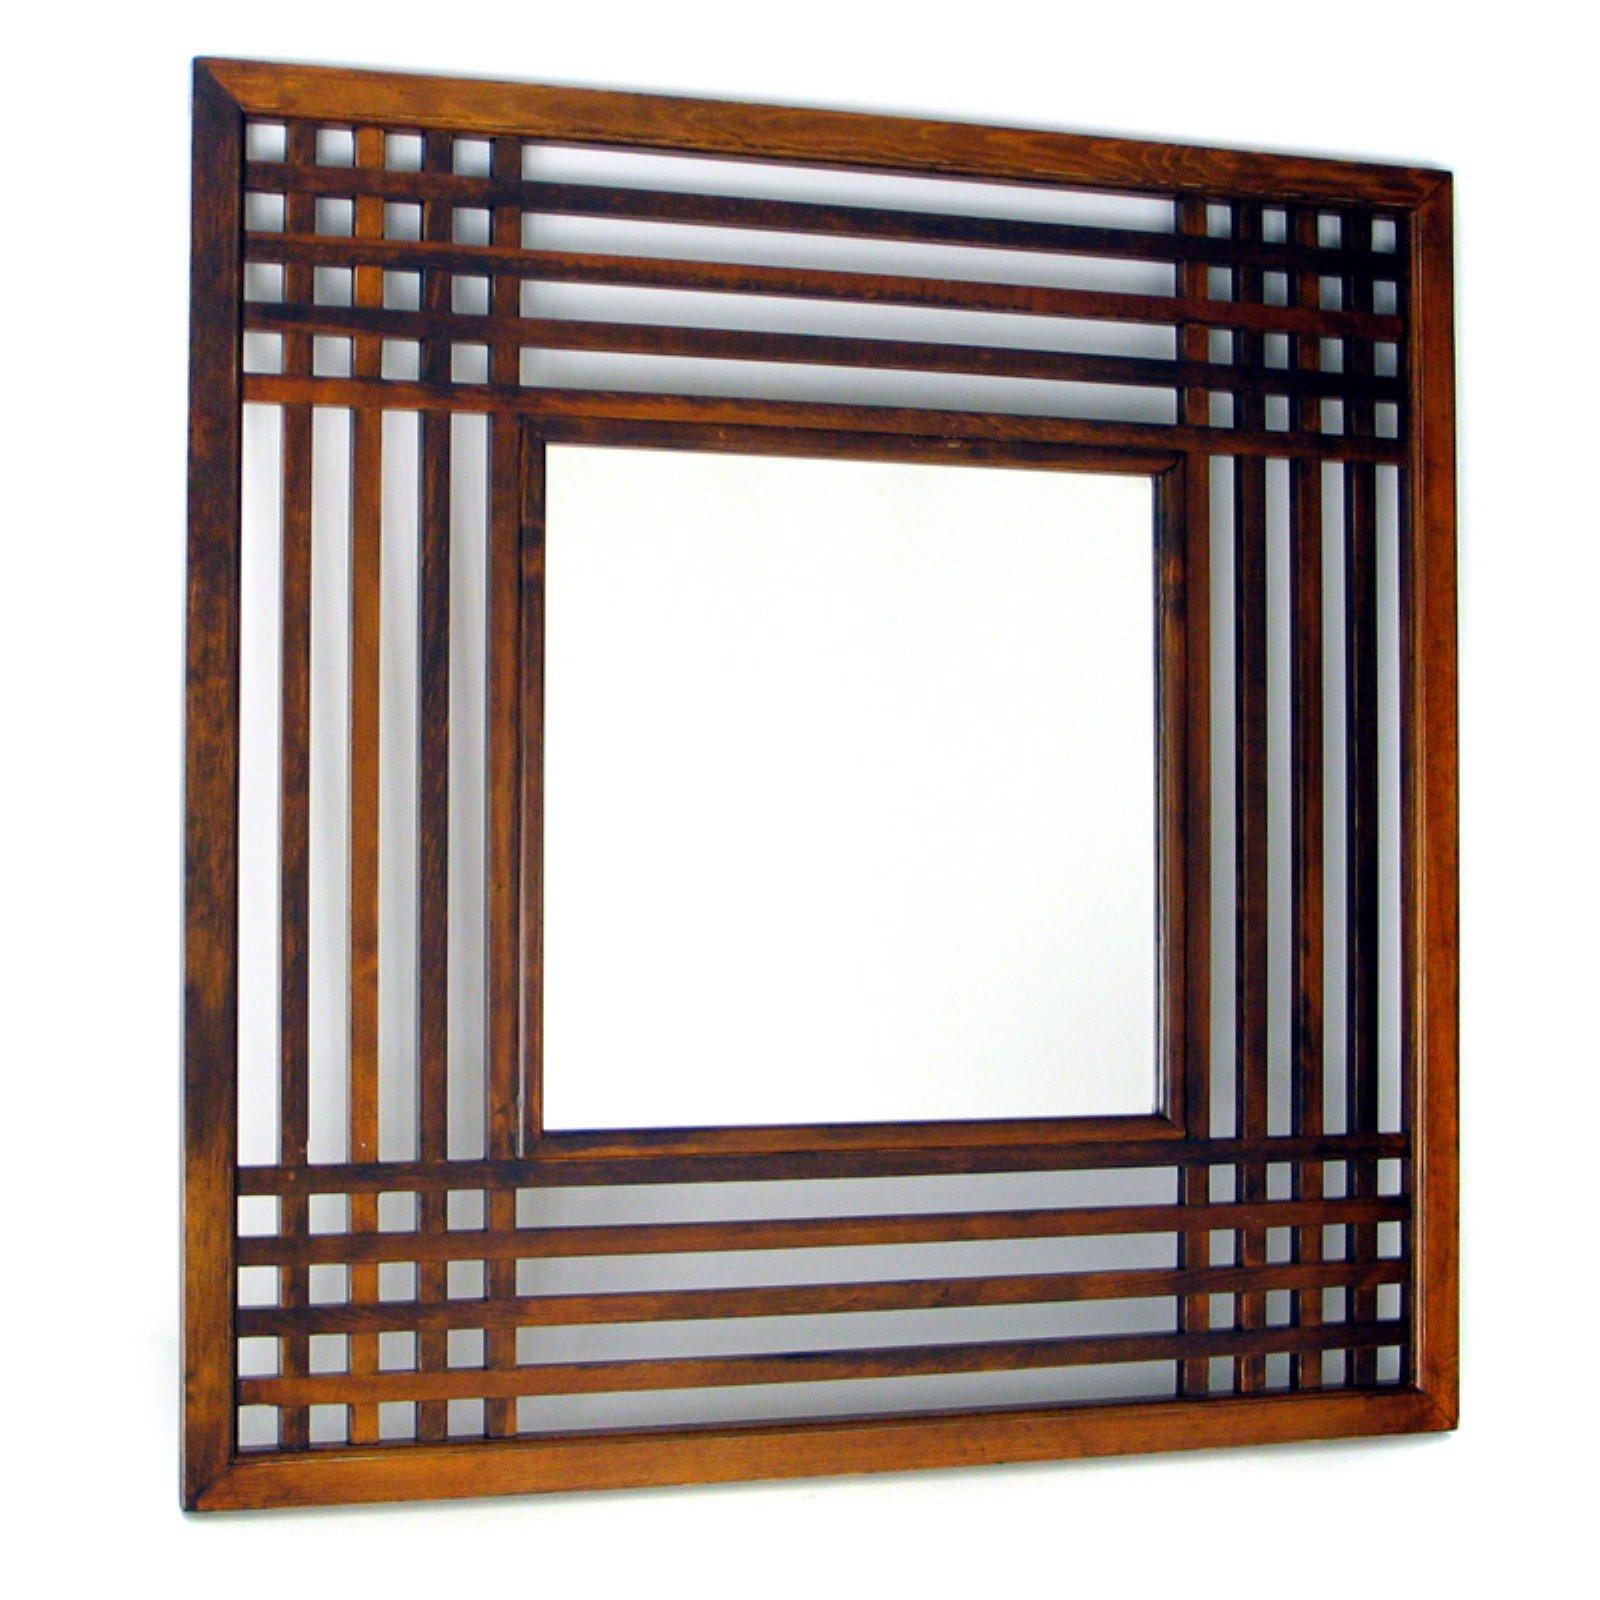 Wayborn Plantation Wall Mirror - 40W x 40H in.